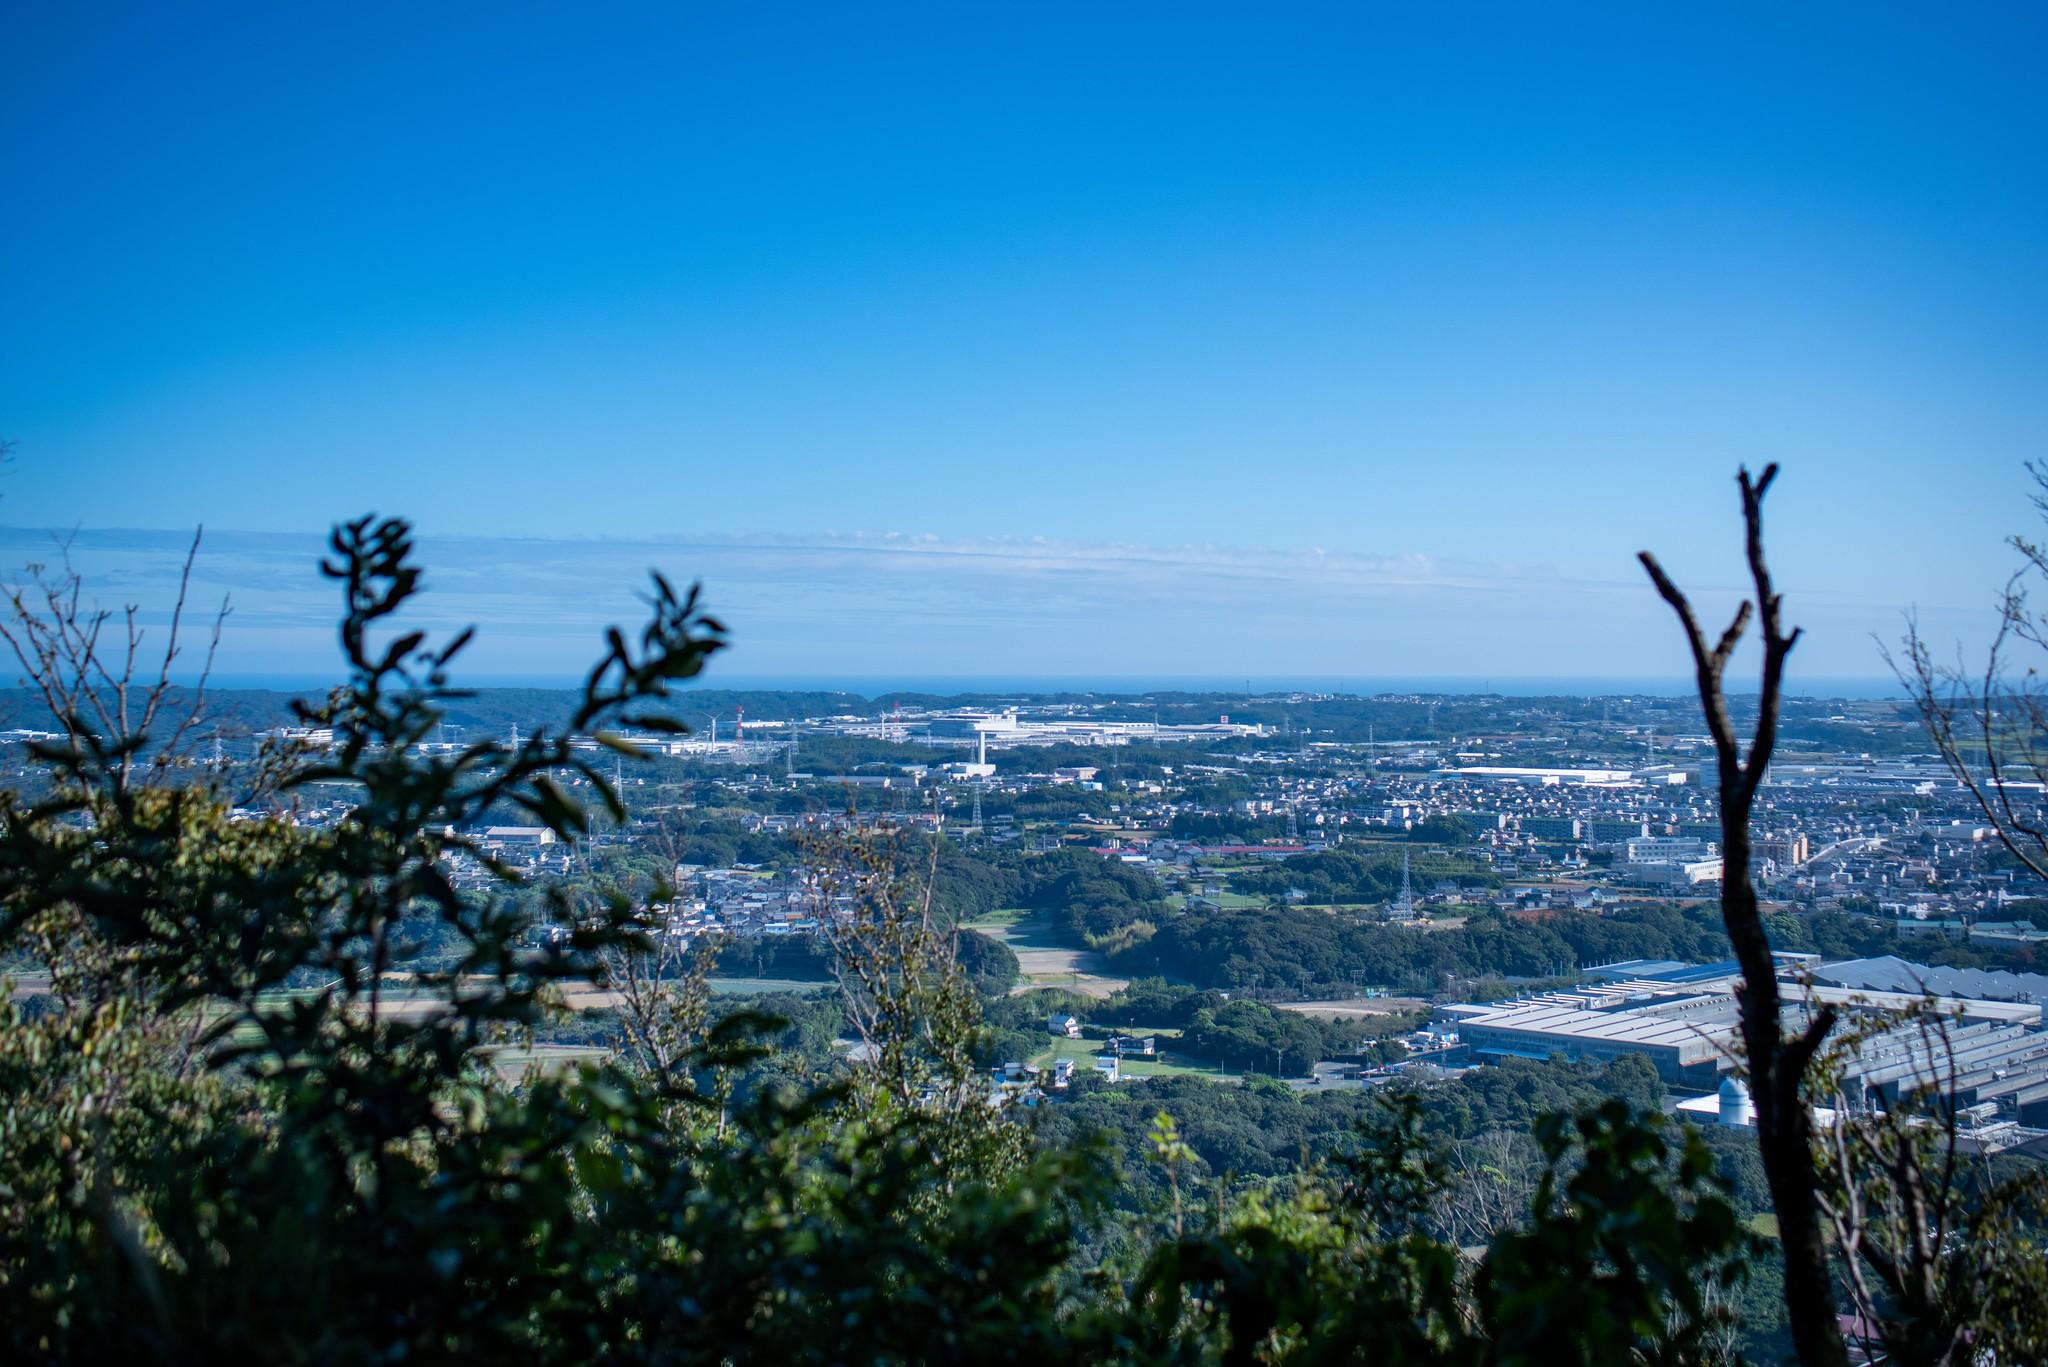 嵩山展望台 Tamron 45mm + Nikon D810